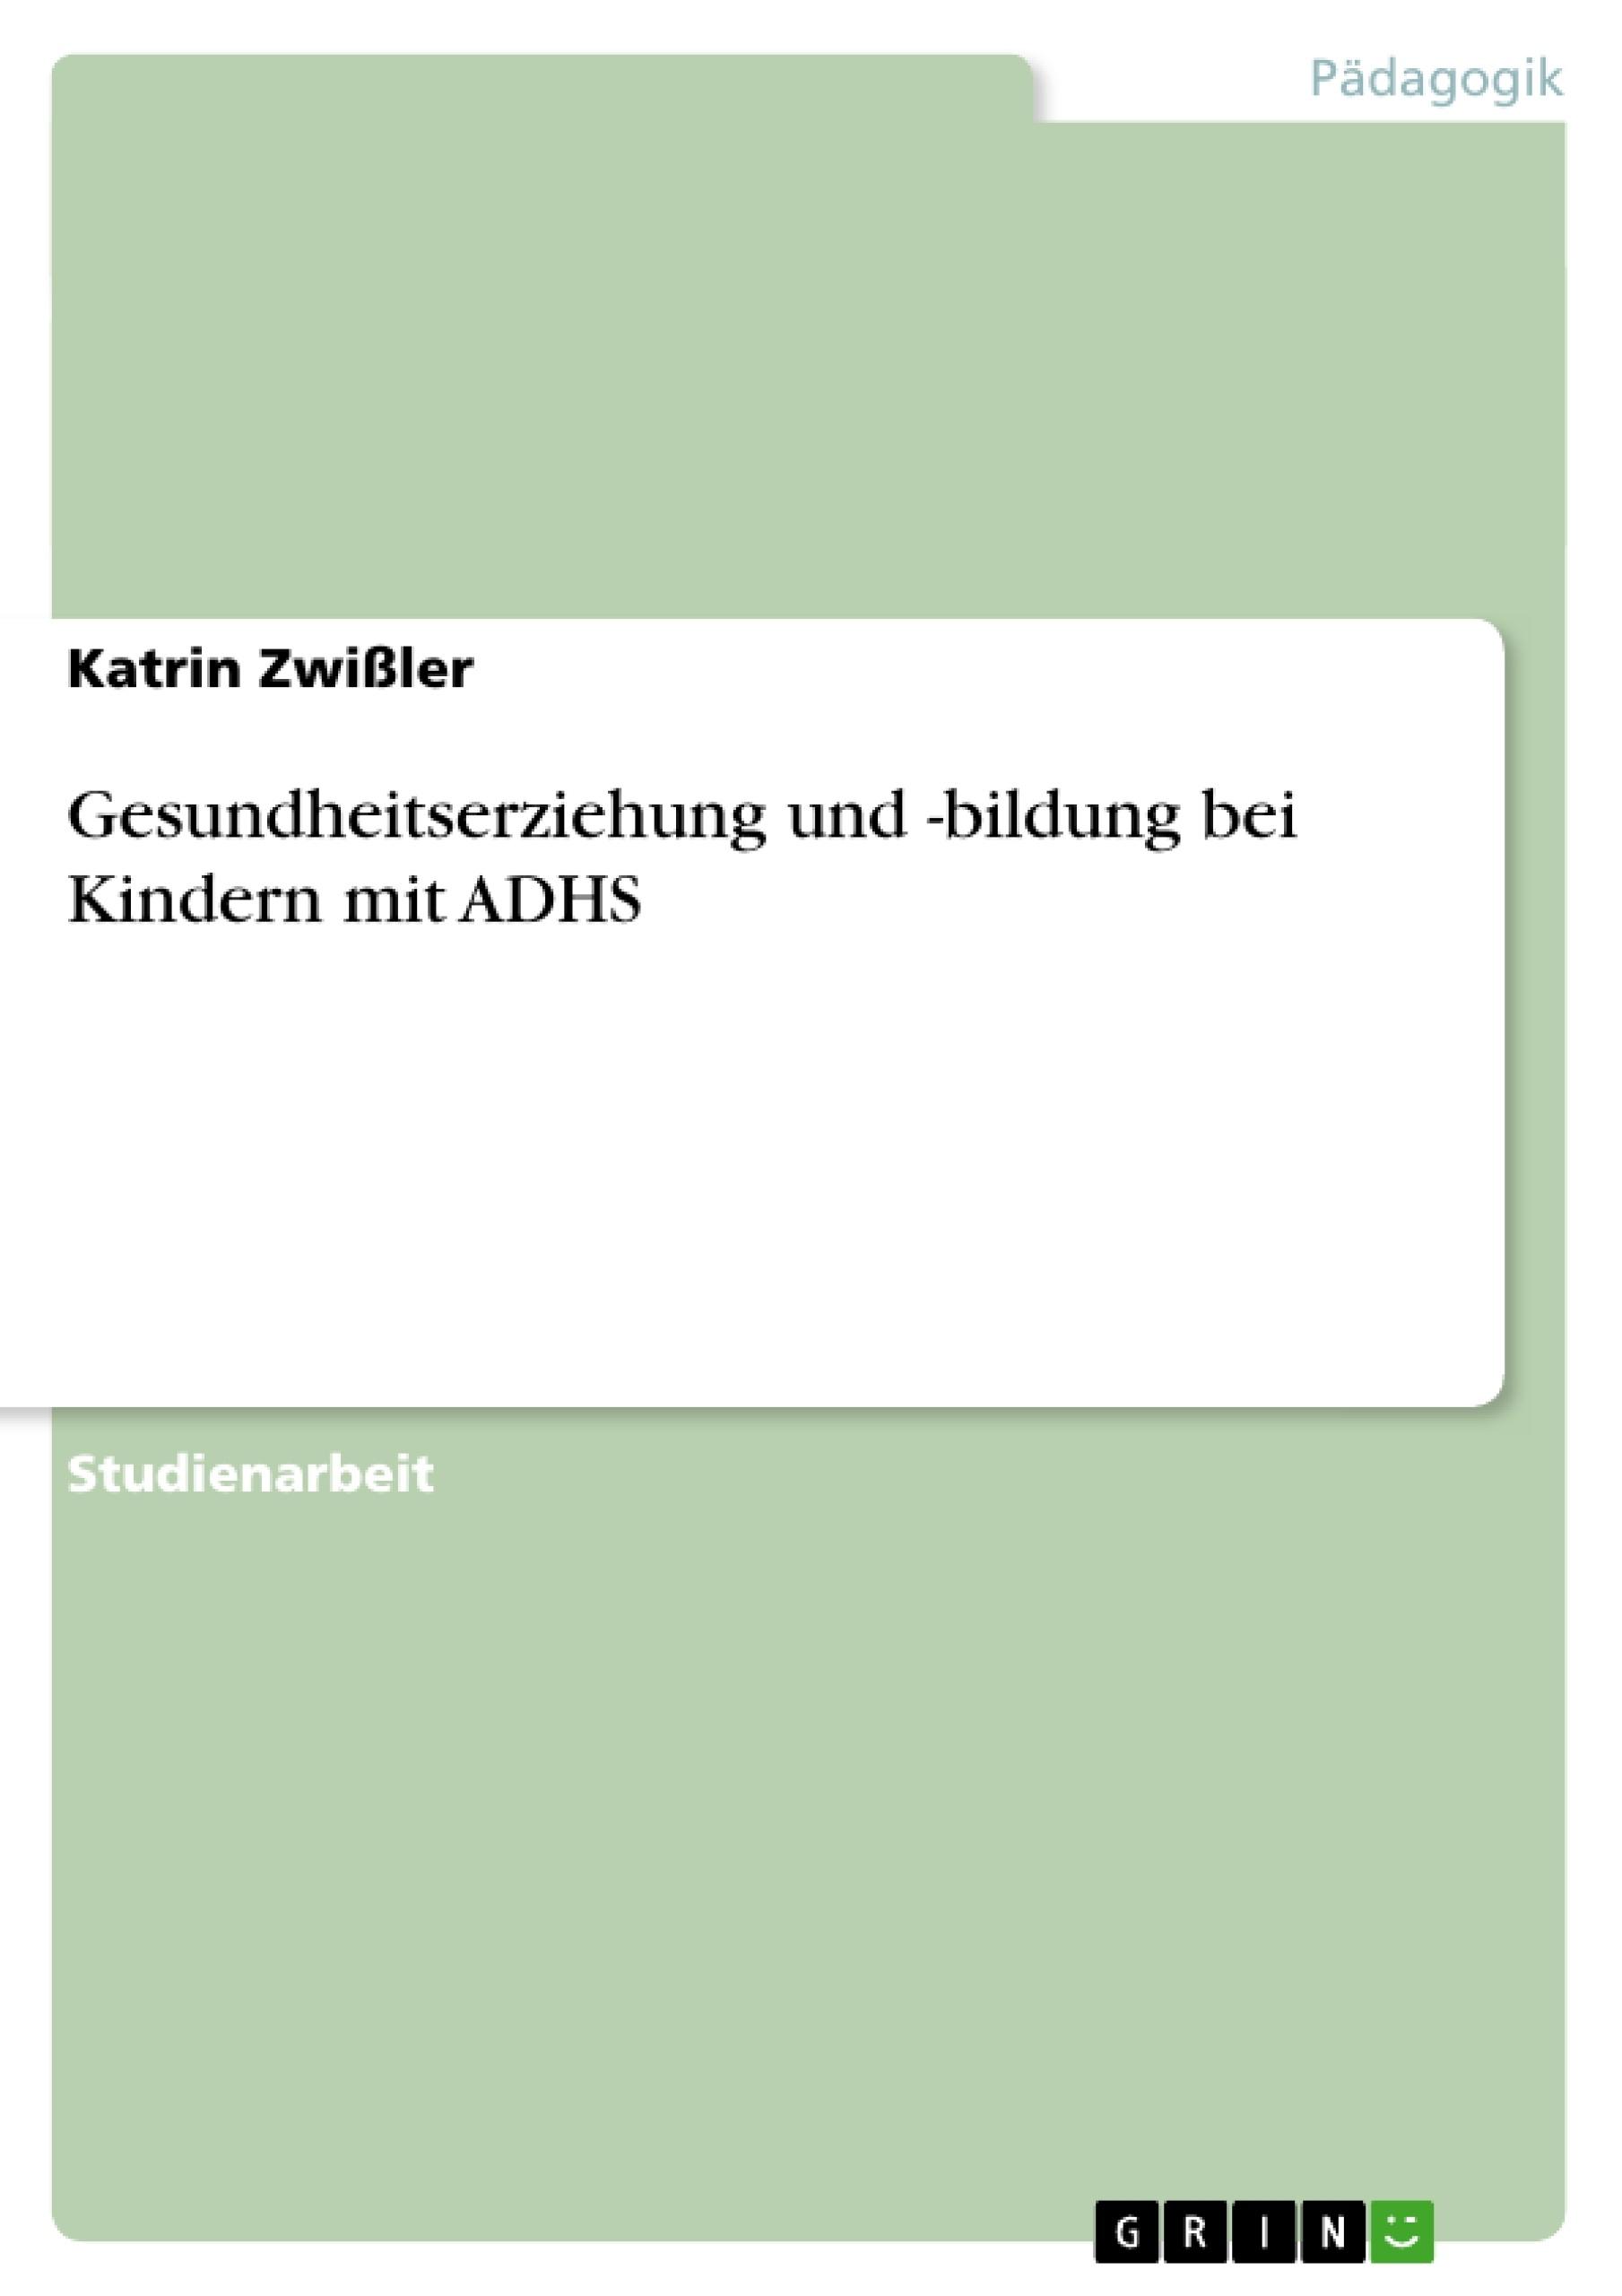 Titel: Gesundheitserziehung und -bildung bei Kindern mit ADHS